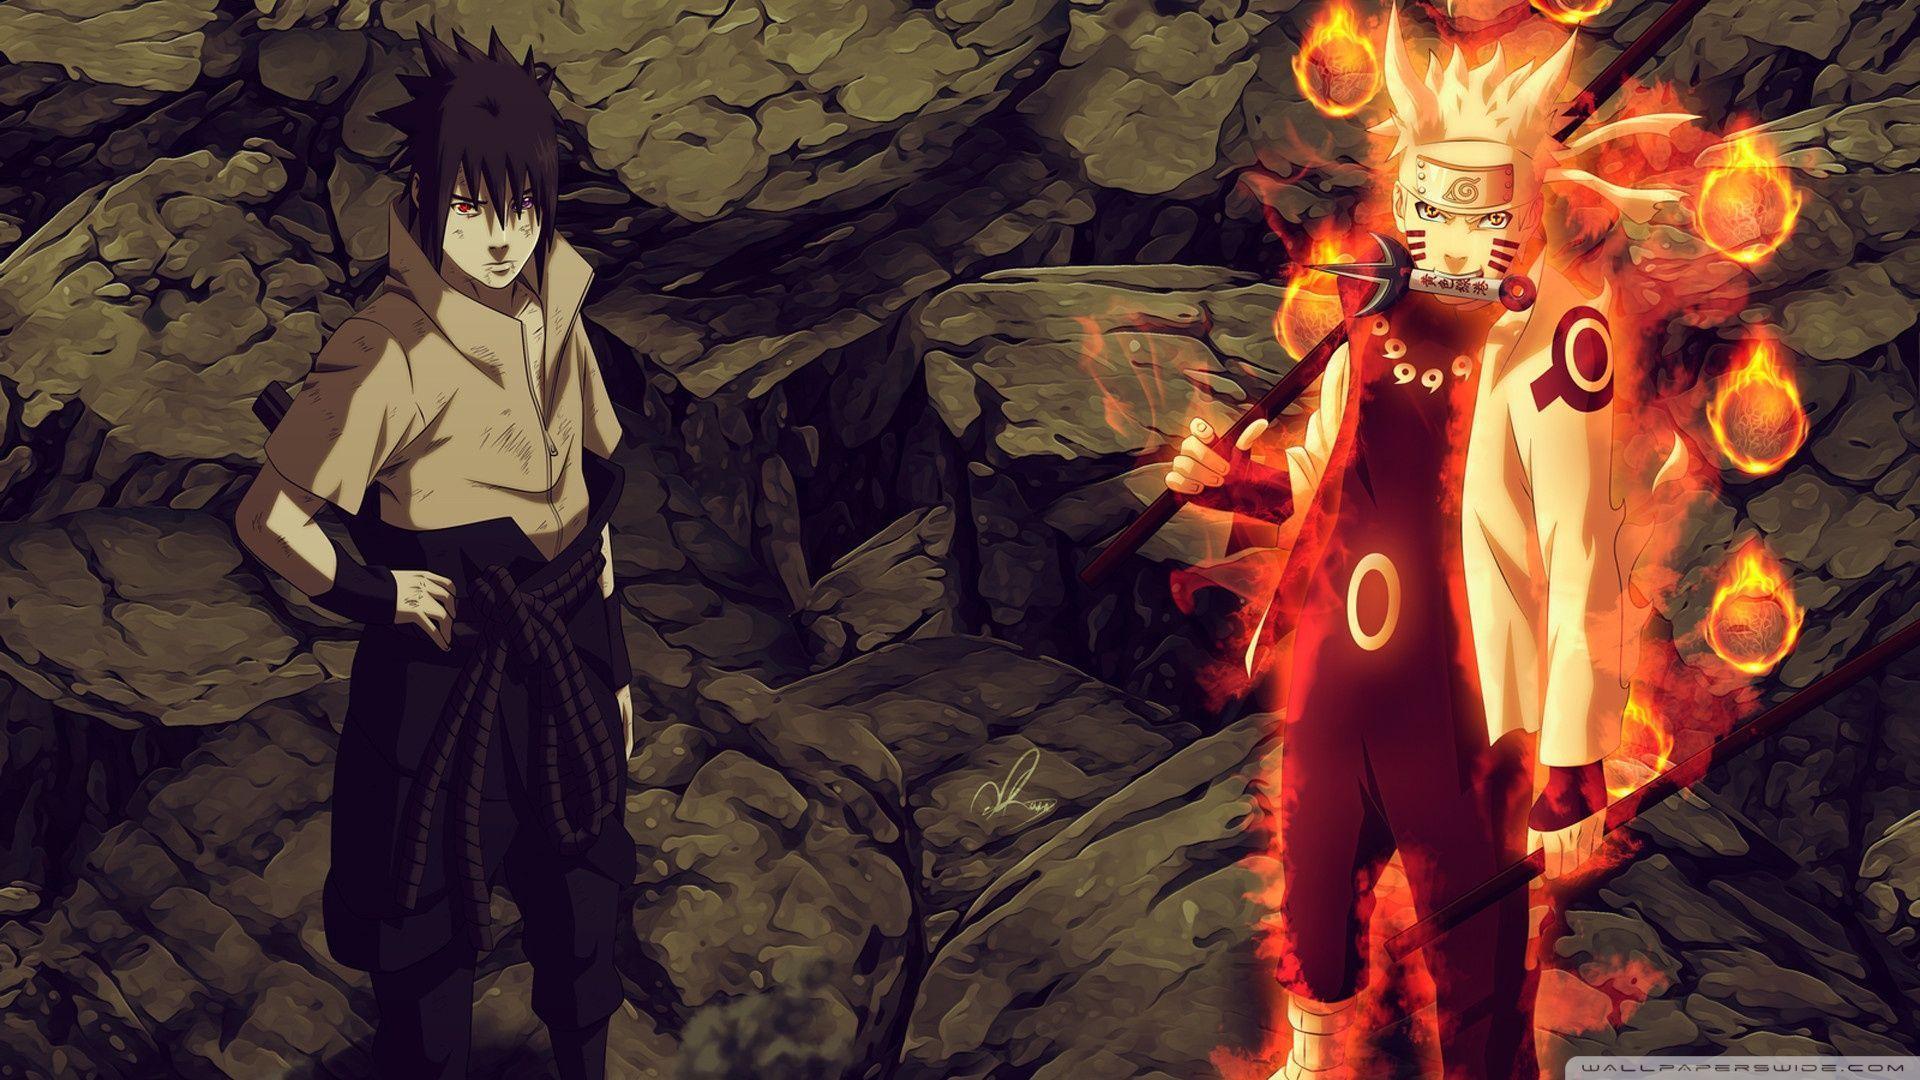 Naruto Wallpapers HD 2016 - Wallpaper Cave